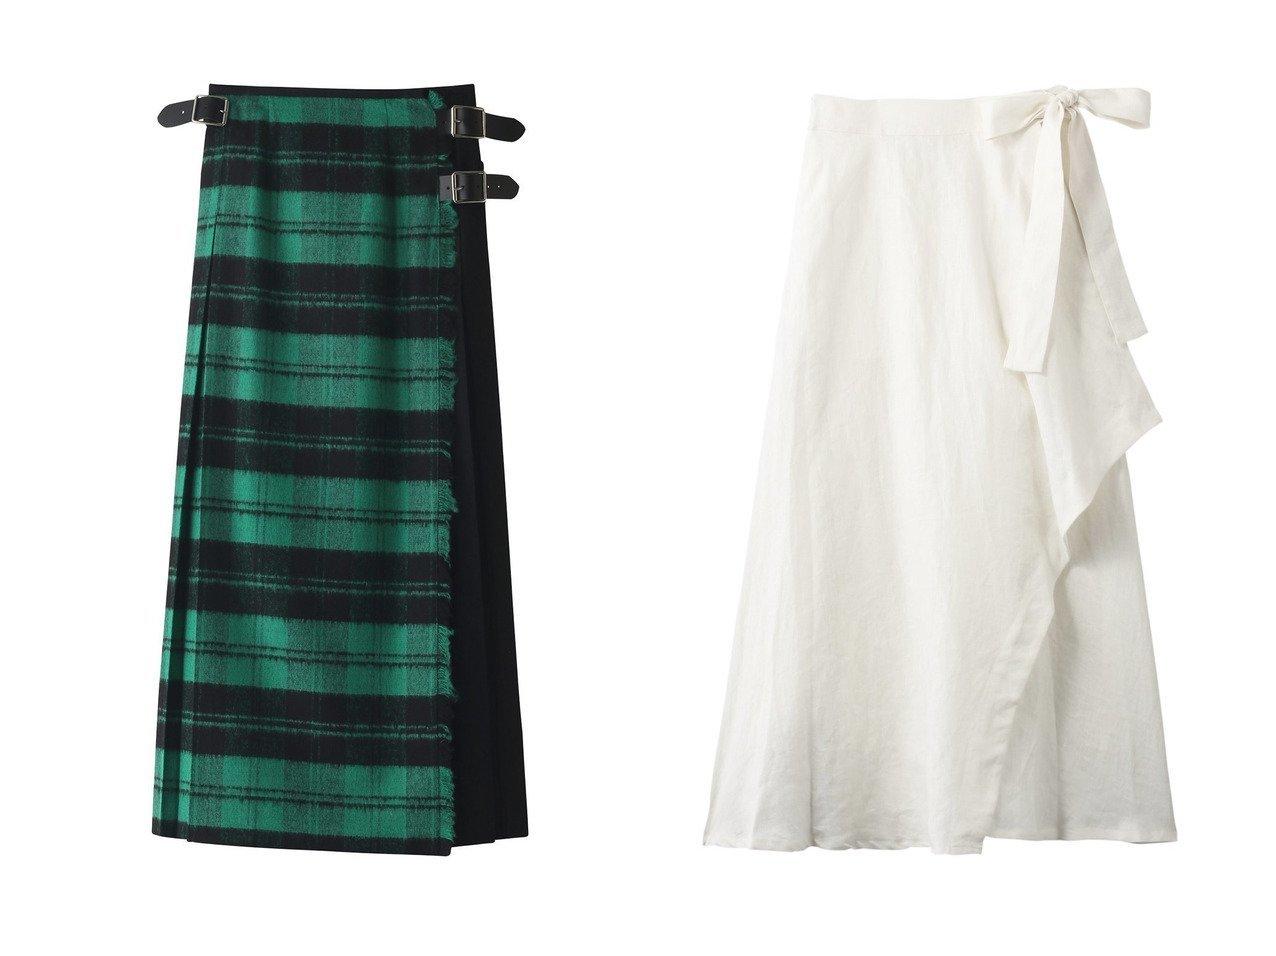 【Julier/ジュリエ】のリネンラップスカート&【GALLARDAGALANTE/ガリャルダガランテ】の【O NEIL OF DUBLIN】別注チェックロングスカート 【スカート】おすすめ!人気、トレンド・レディースファッションの通販 おすすめで人気の流行・トレンド、ファッションの通販商品 インテリア・家具・メンズファッション・キッズファッション・レディースファッション・服の通販 founy(ファニー) https://founy.com/ ファッション Fashion レディースファッション WOMEN スカート Skirt ロングスカート Long Skirt アシンメトリー マキシ ヨガ ラップ リボン レギンス ロング ワーク A/W・秋冬 AW・Autumn/Winter・FW・Fall-Winter コンビ チェック トレンド プリーツ 別注 |ID:crp329100000071358